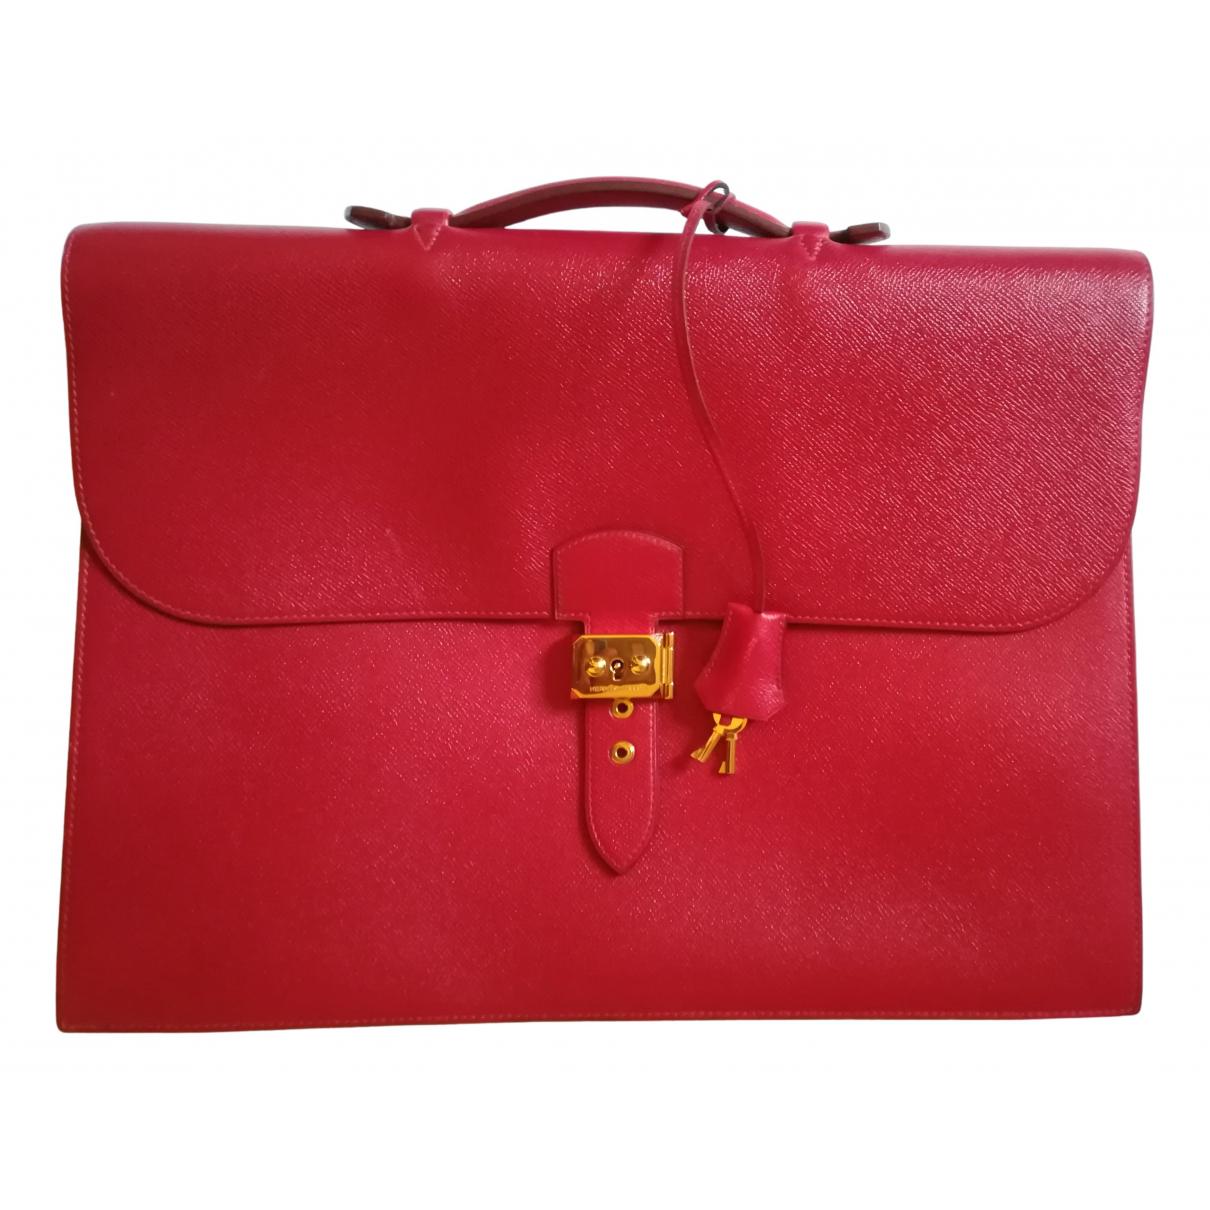 Hermès Sac à dépèches Red Leather bag for Men N